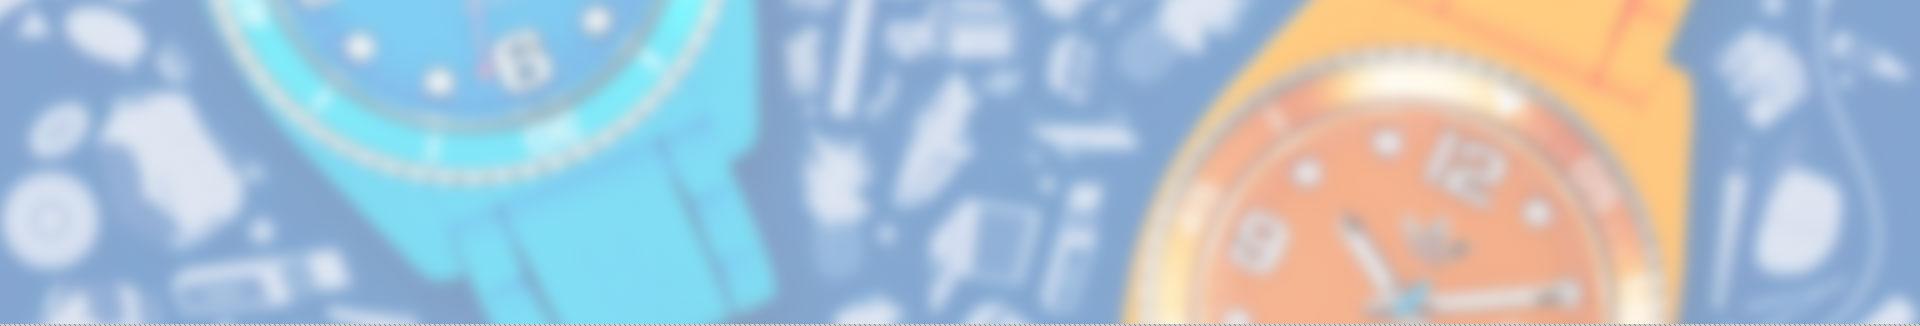 Background Banner